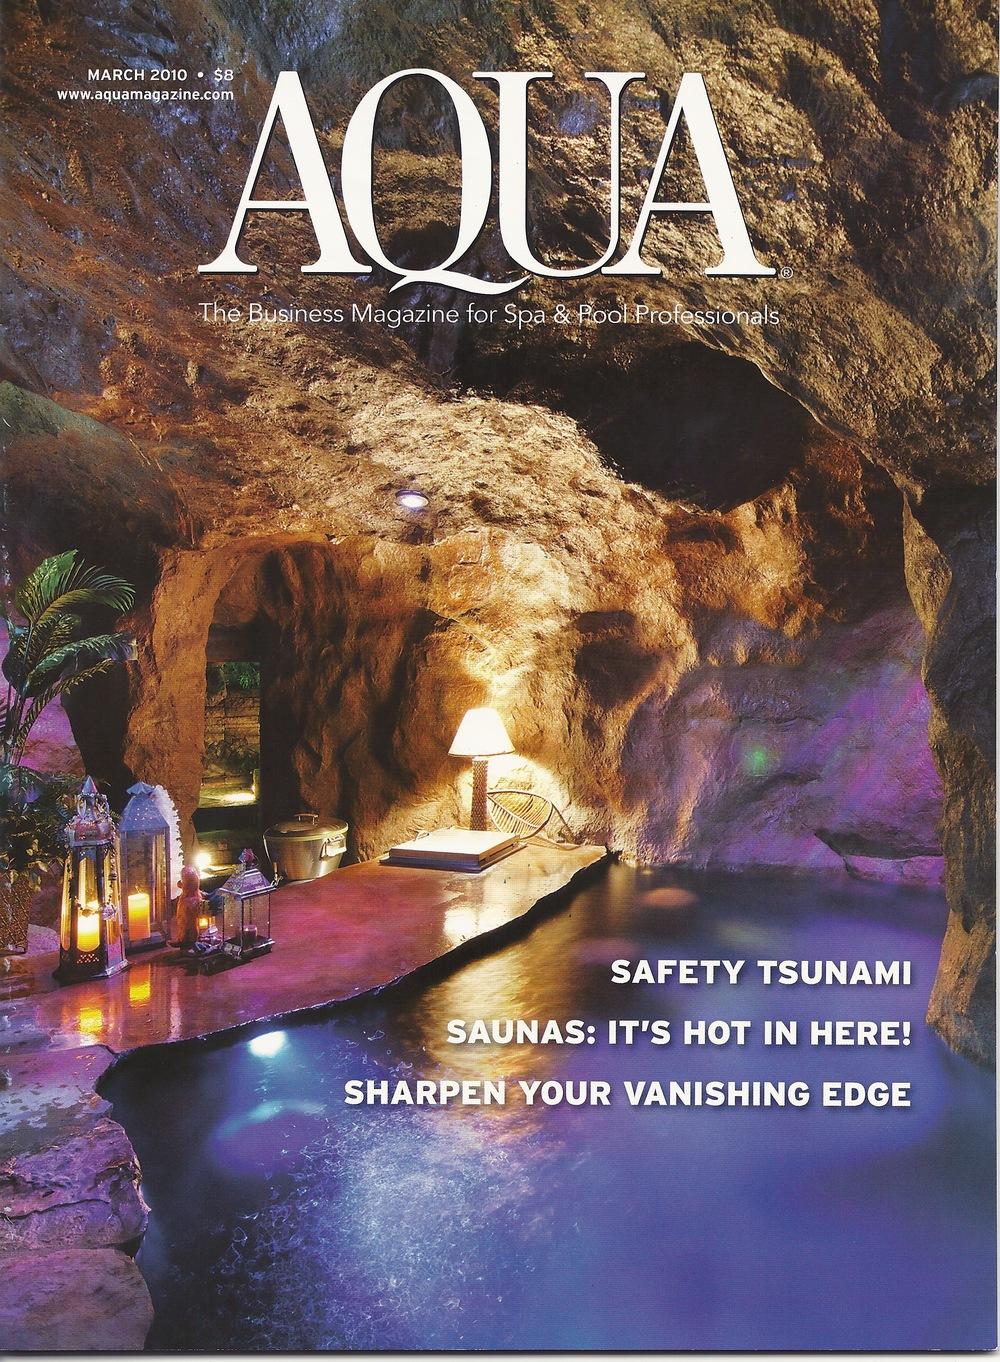 AquaMagazineCover.jpeg